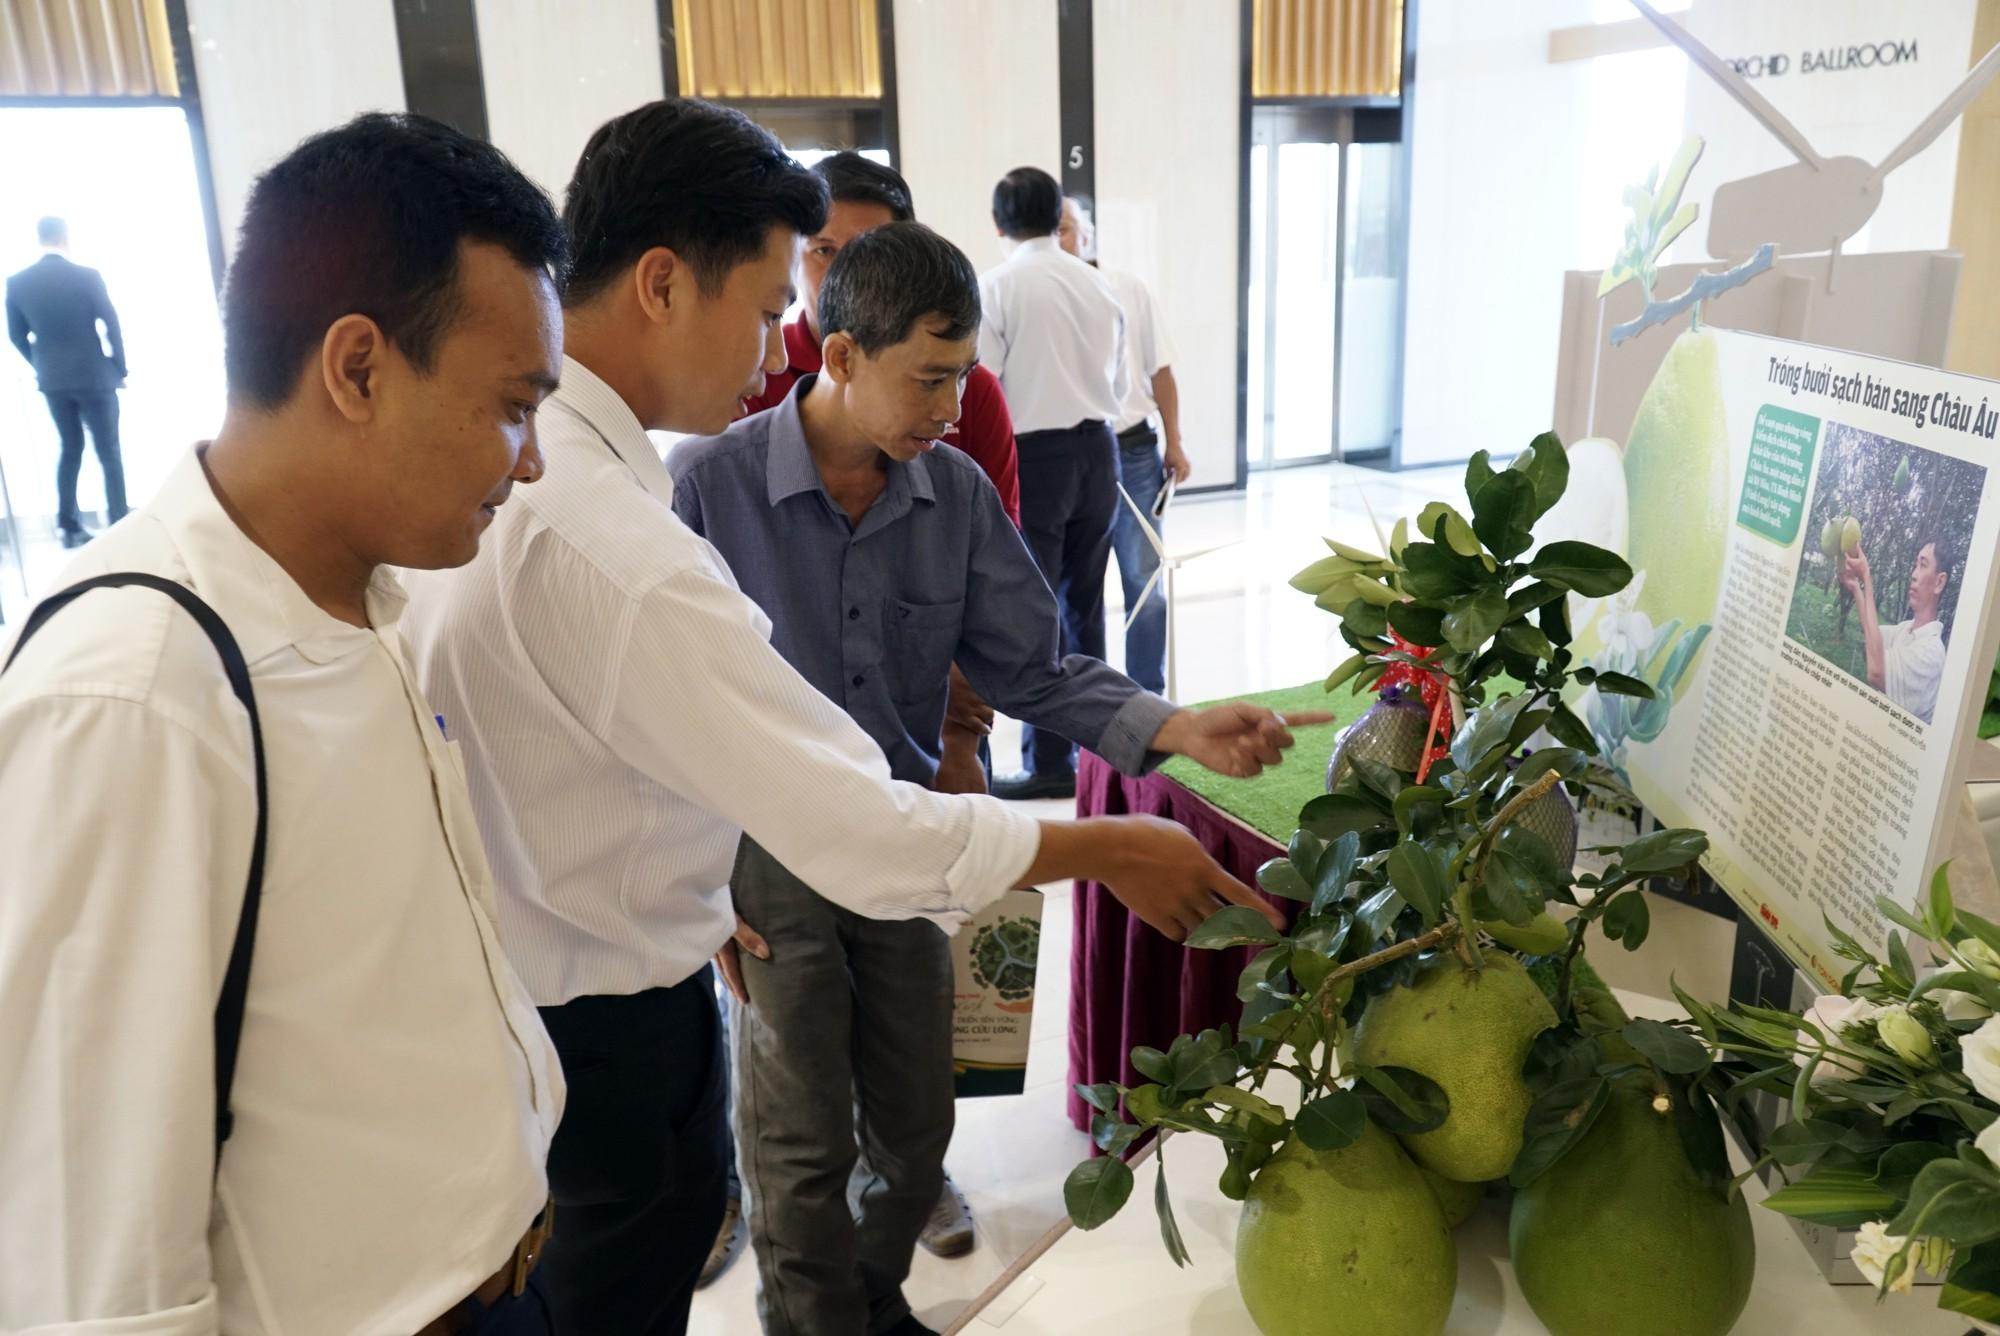 MeKong Xanh - Cùng xây cuộc sống xanh - Ảnh 10.